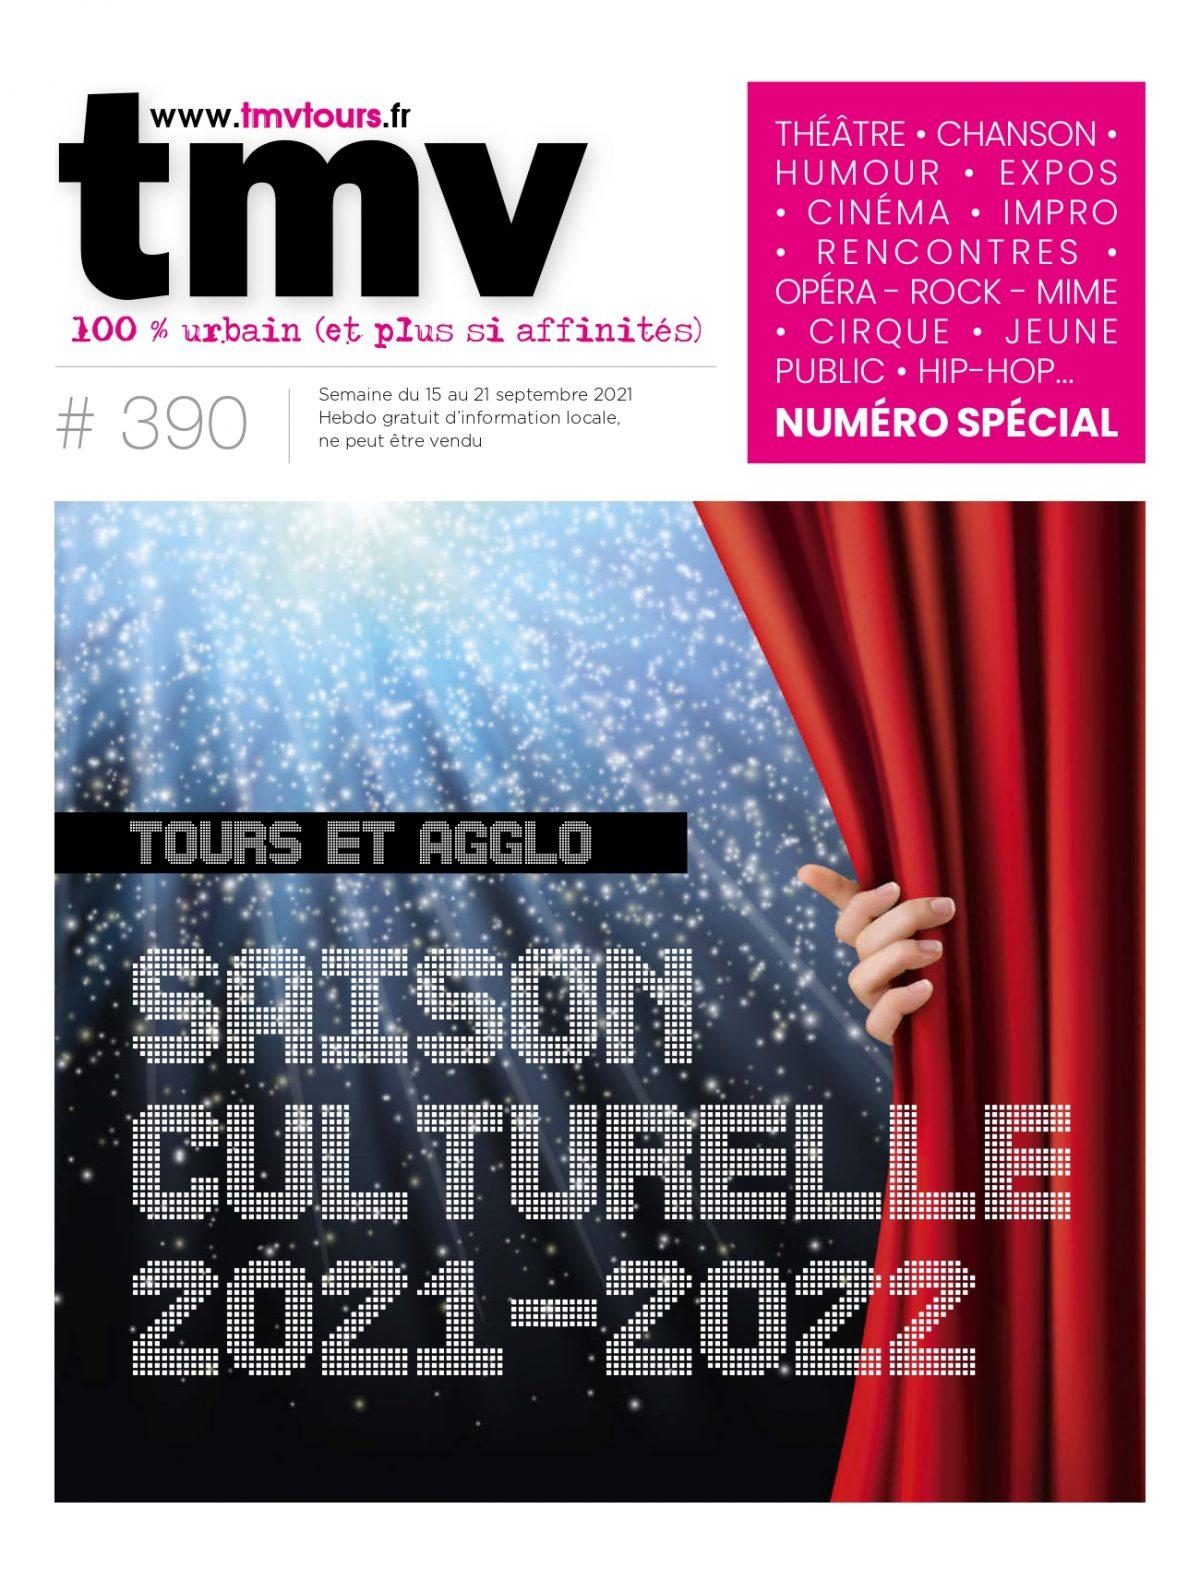 Retrouvez notre numéro spécial saison culturelle 2021-2022